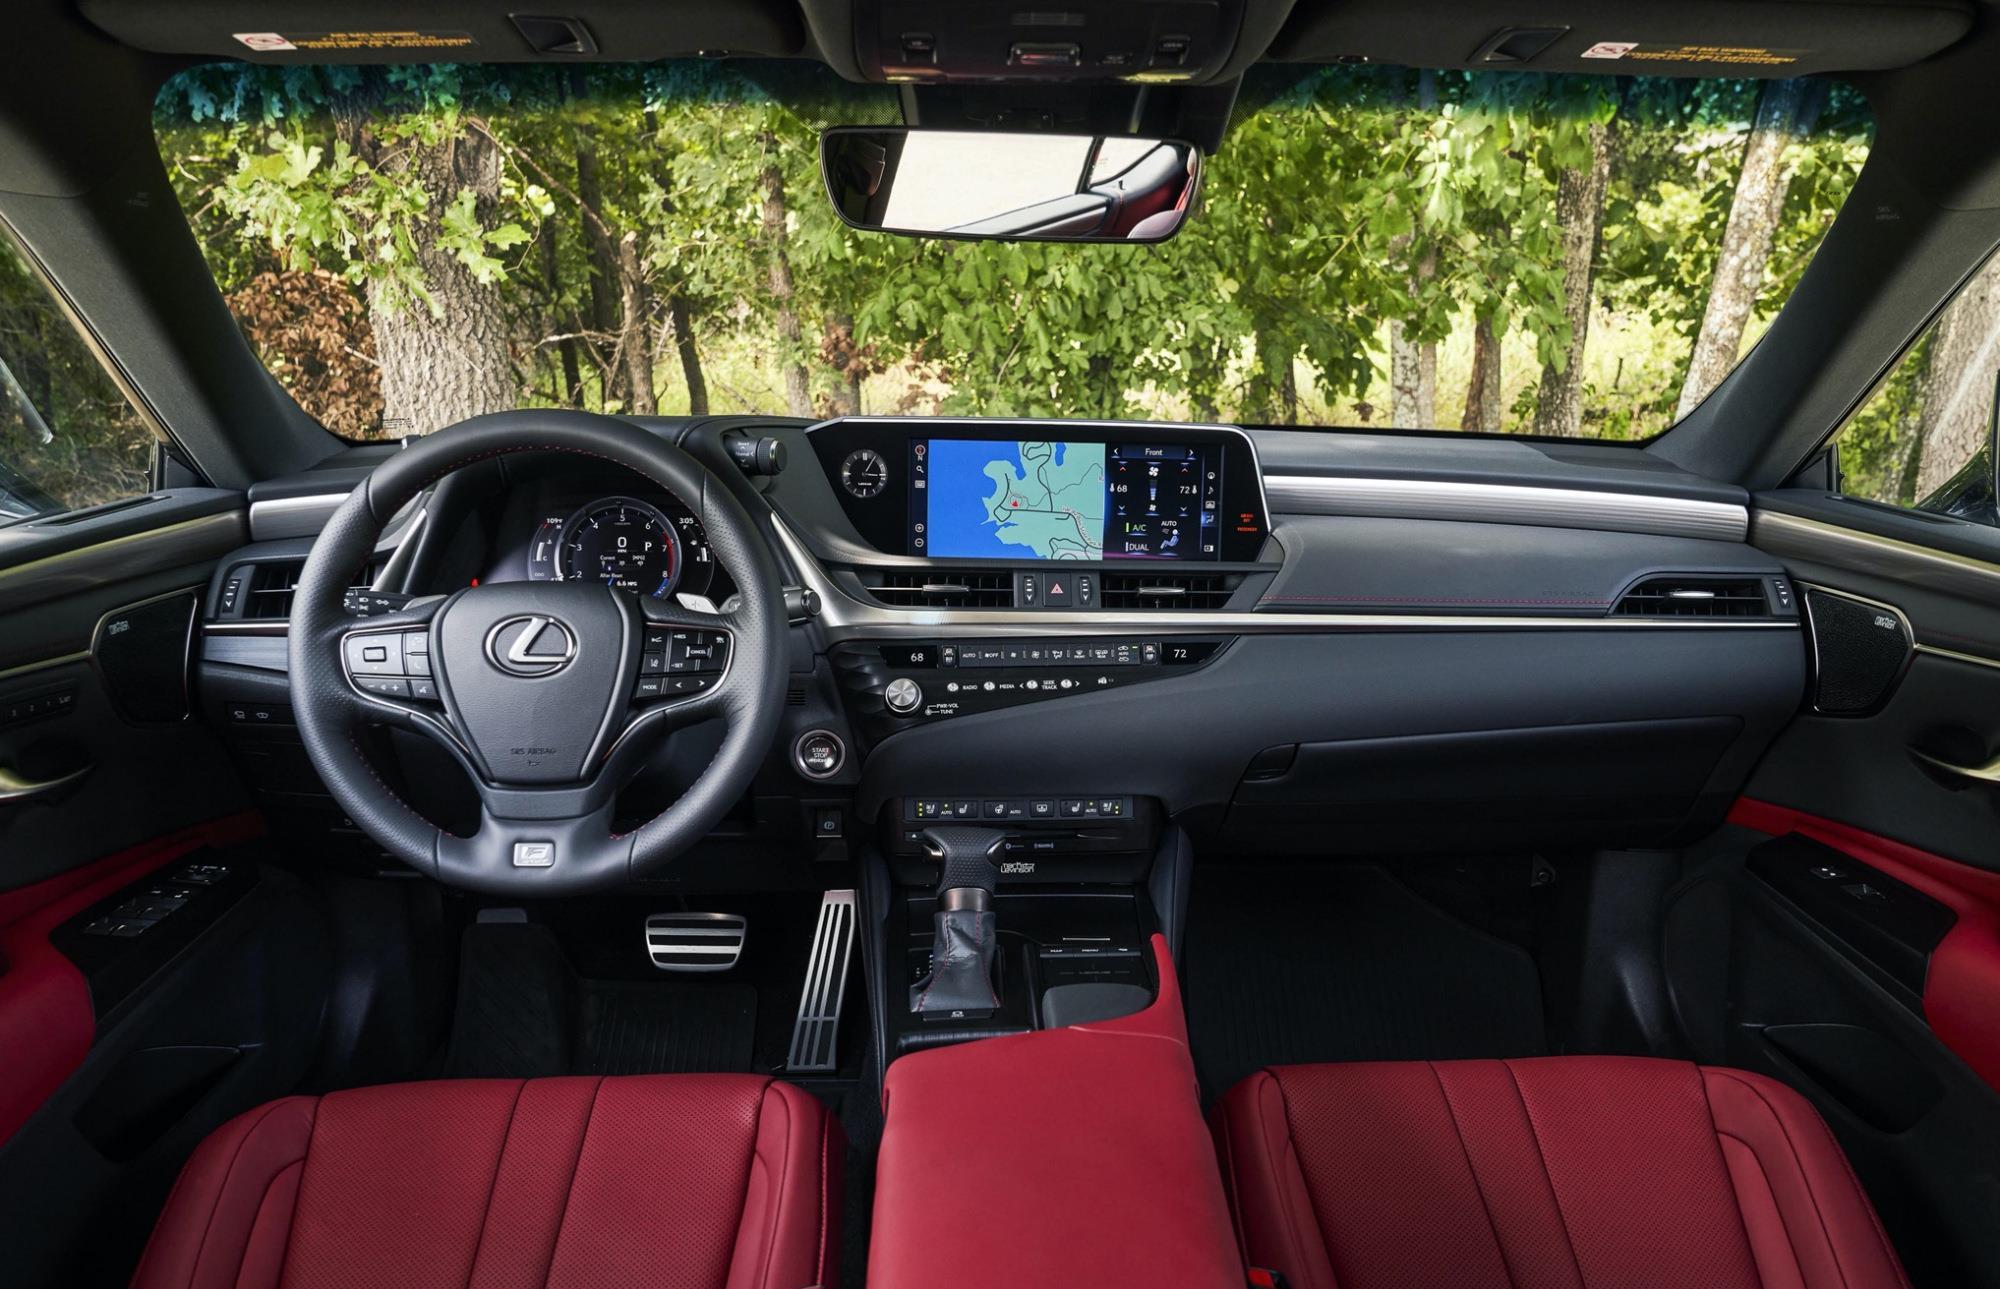 豐田又一豪車來襲,車長近5米,2.5L自吸發動機配四驅,油耗6.3L-圖4